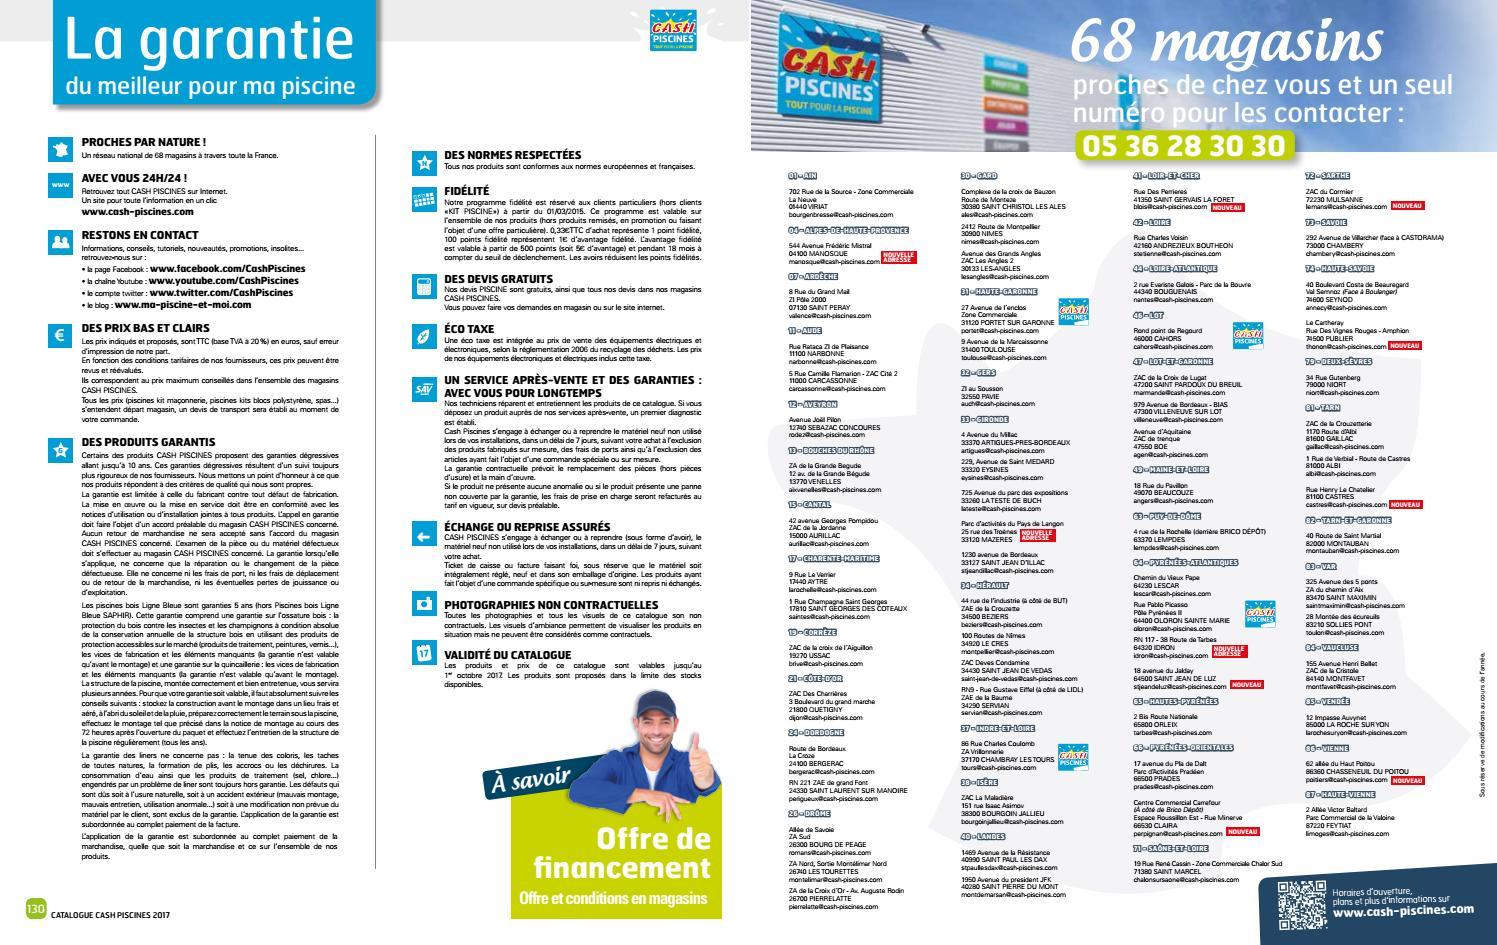 Catalogue Cash Piscine 2017 By Octave Octave - Issuu serapportantà Cash Piscine La Roche Sur Yon